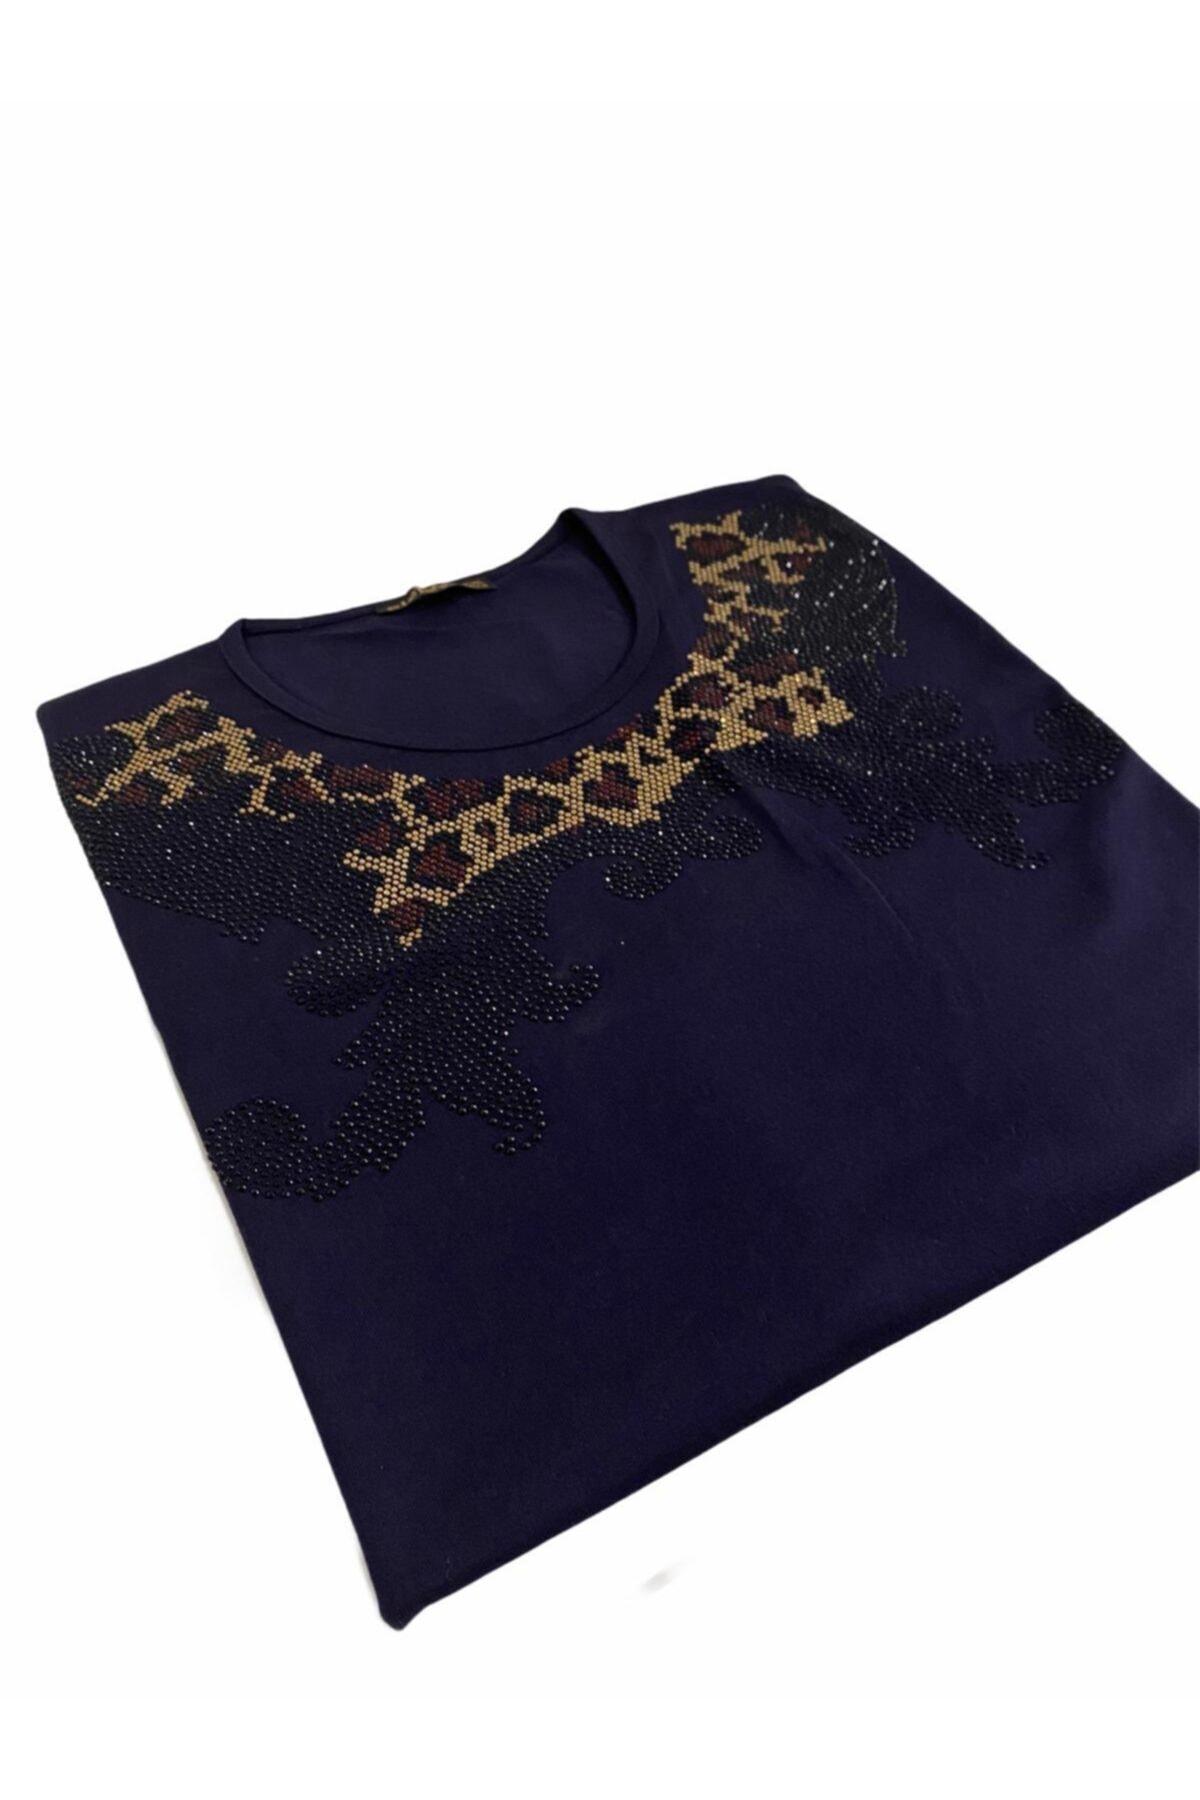 Elele Kadın Lacivert Leopar Desen 0 Yaka Anne Penye Bluz 1